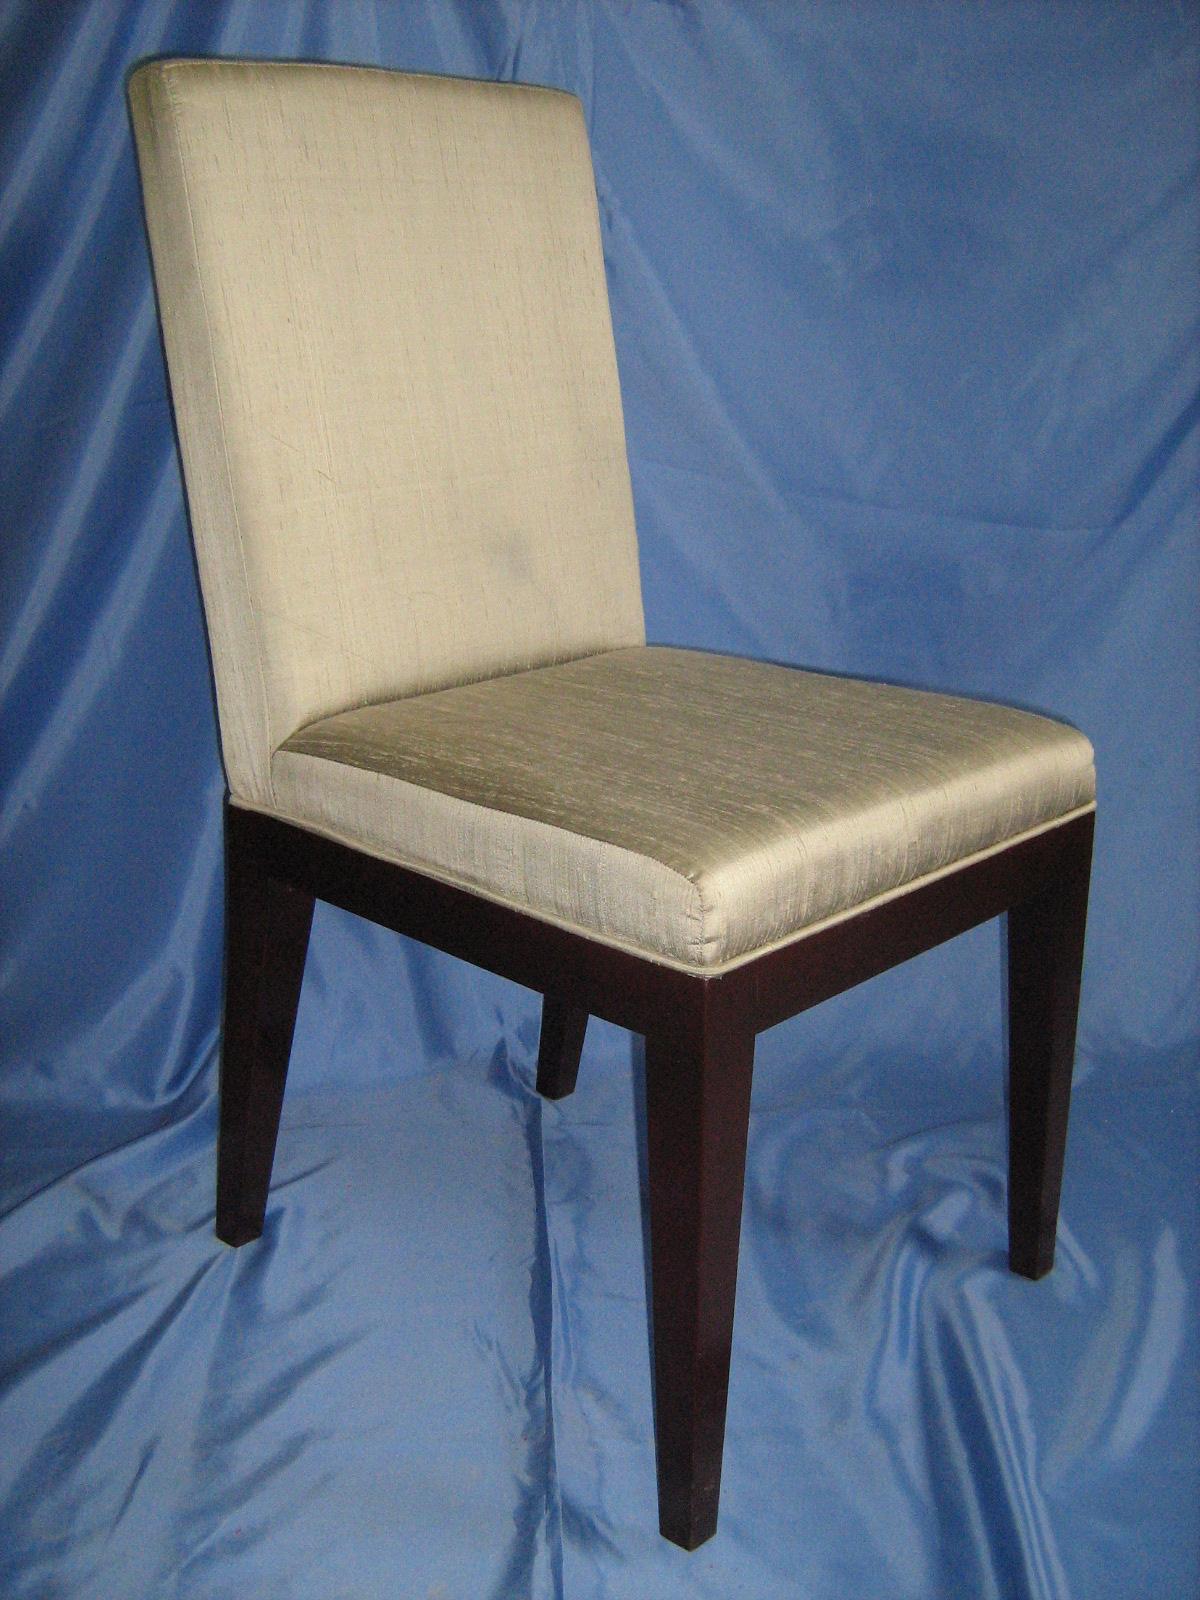 Cadeira e Mesa: Cadeiras Estofadas para Sala de Jantar #31486E 1200x1600